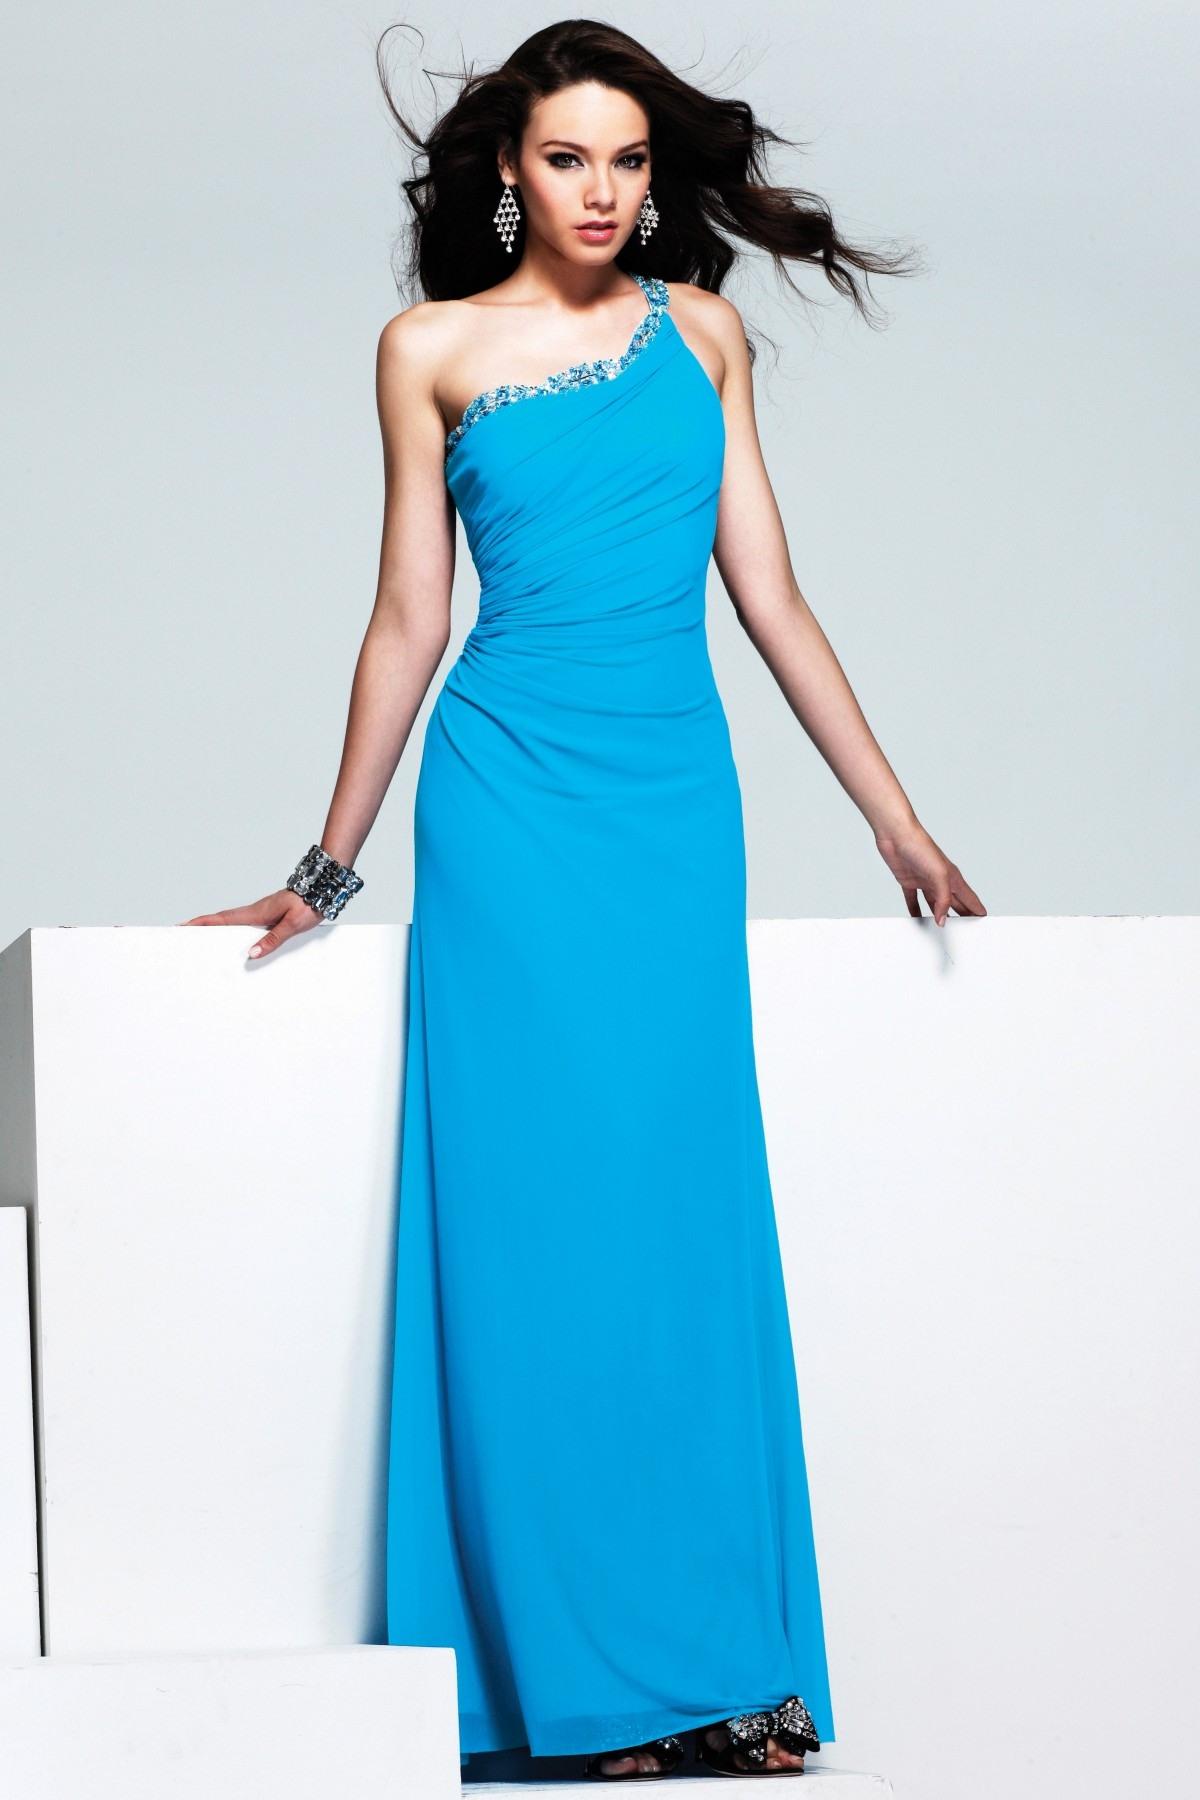 17 Fantastisch Abend Dress Online Vertrieb13 Schön Abend Dress Online Boutique